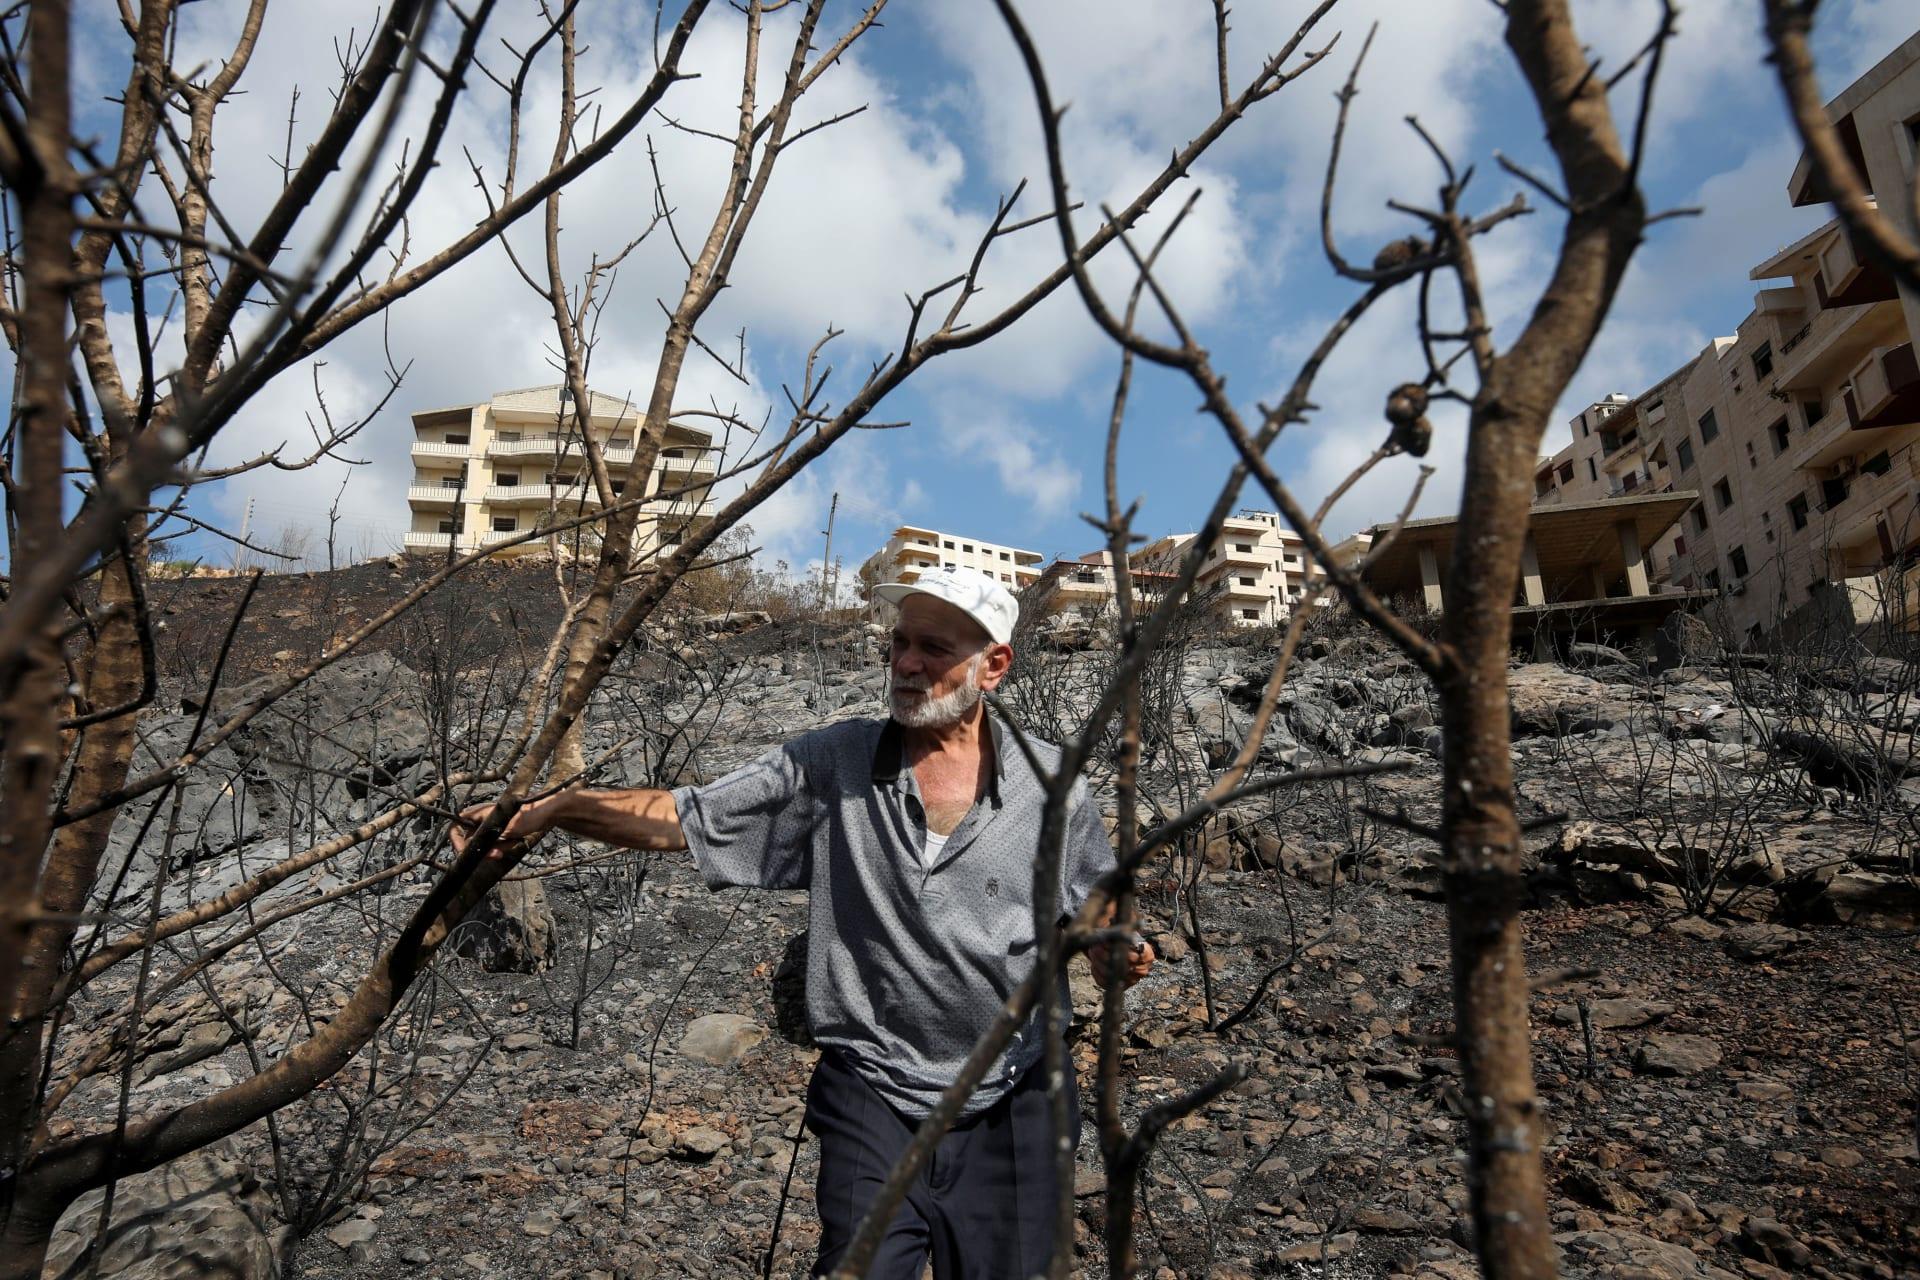 بعد الحرائق الأخيرة.. شيخ الأزهر يوجه رسالة للامة العربية حول سوريا